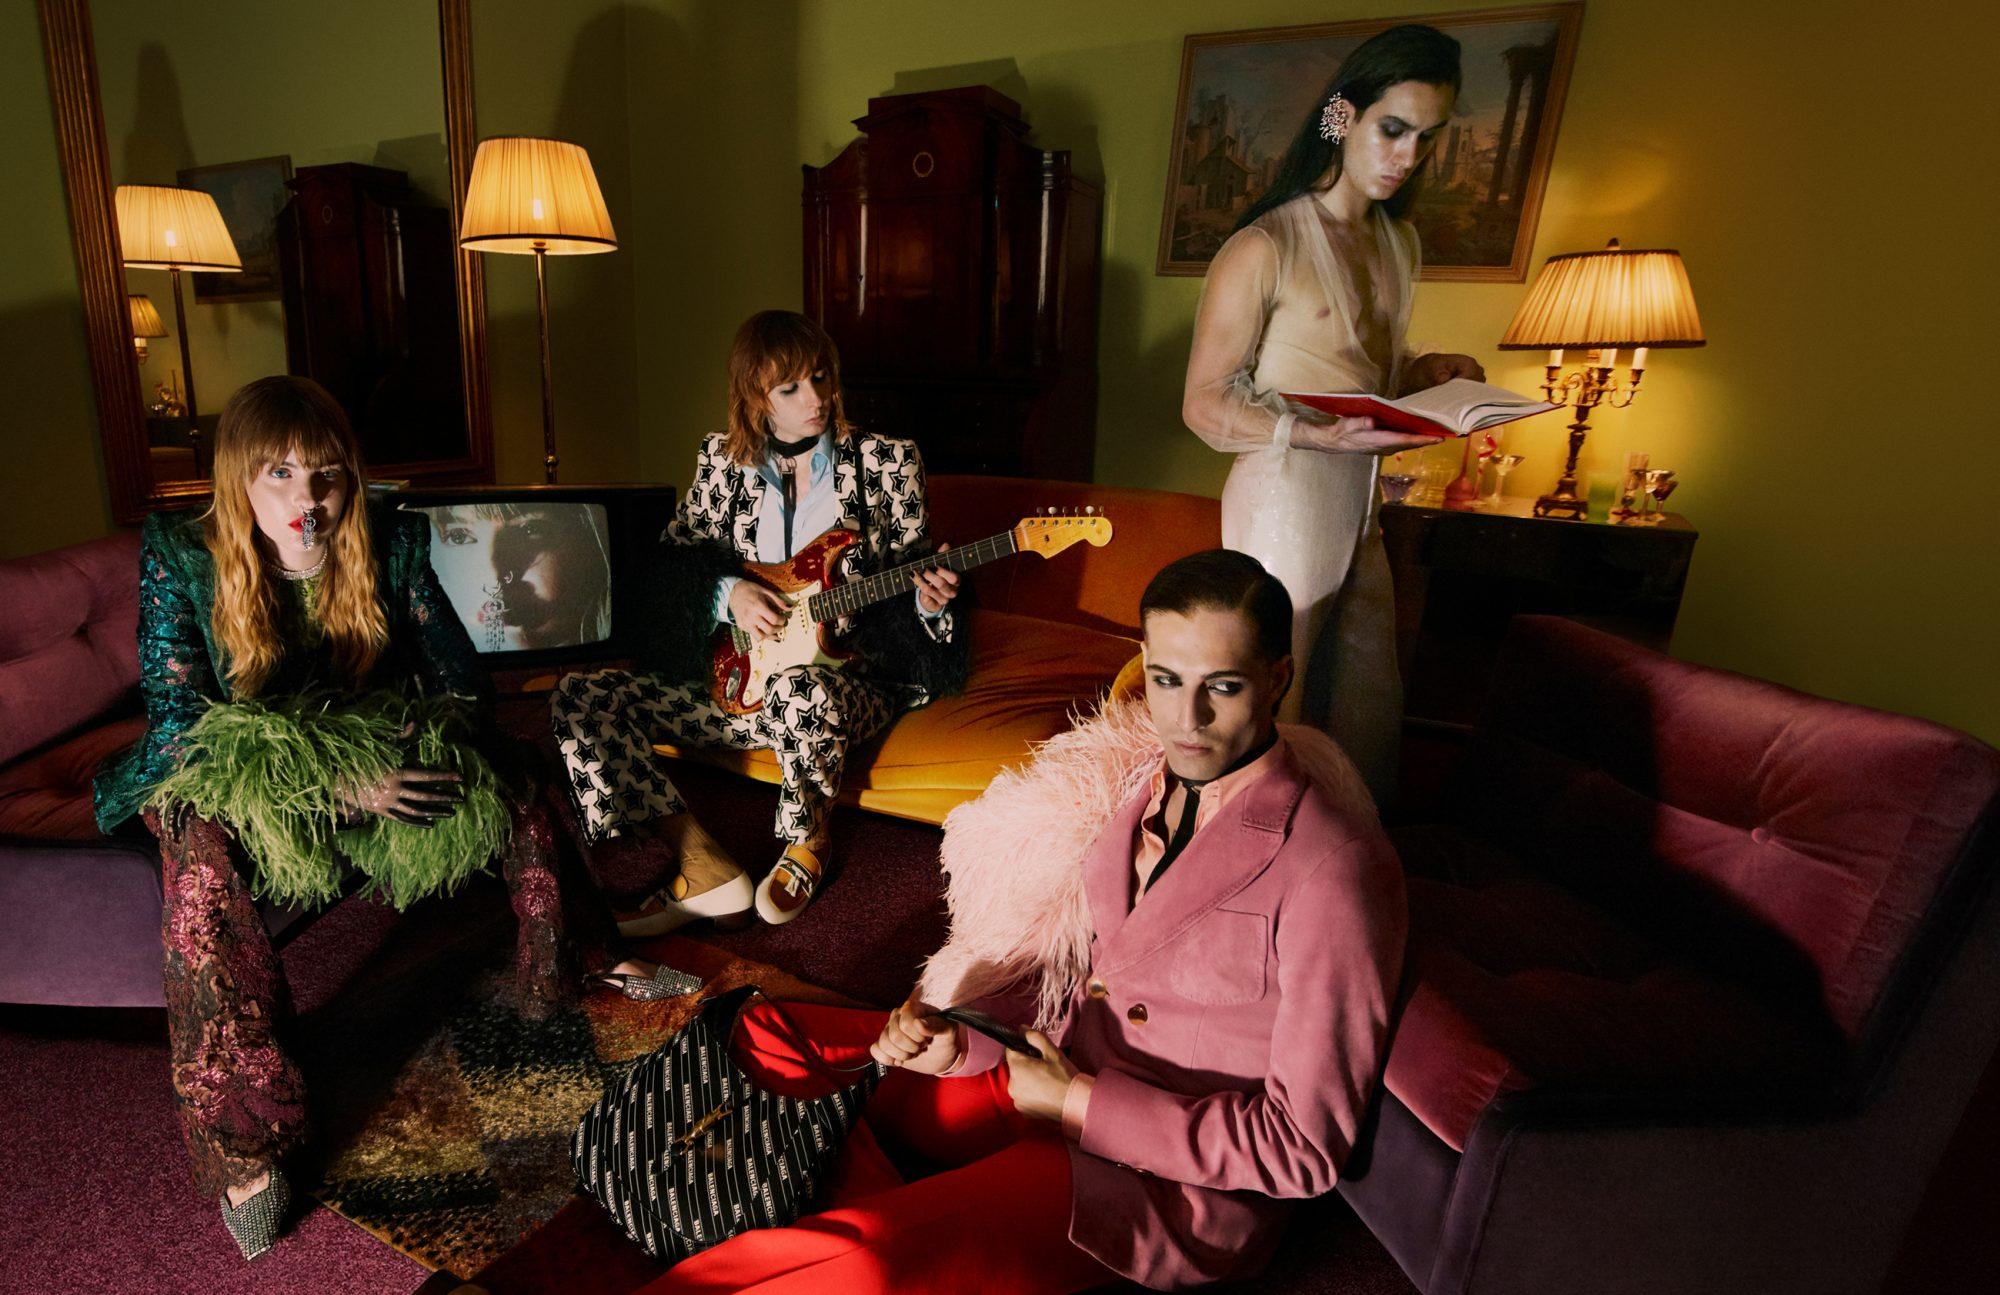 Gucci Aria: Oι Μaneskin πρωταγωνιστούν στην καμπάνια του ιταλικού οίκου